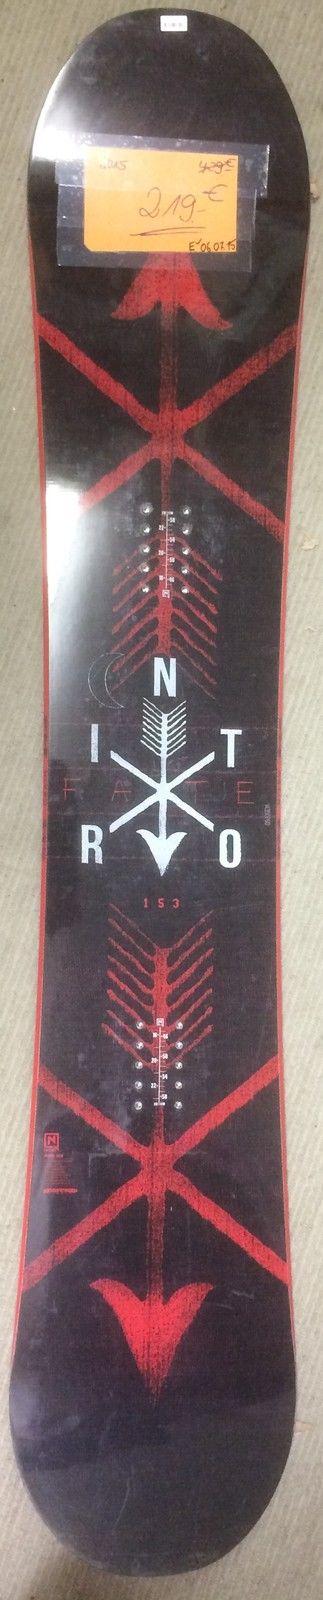 Fate 153 cm Damen Snowboard Nitro 2015 gebraucht